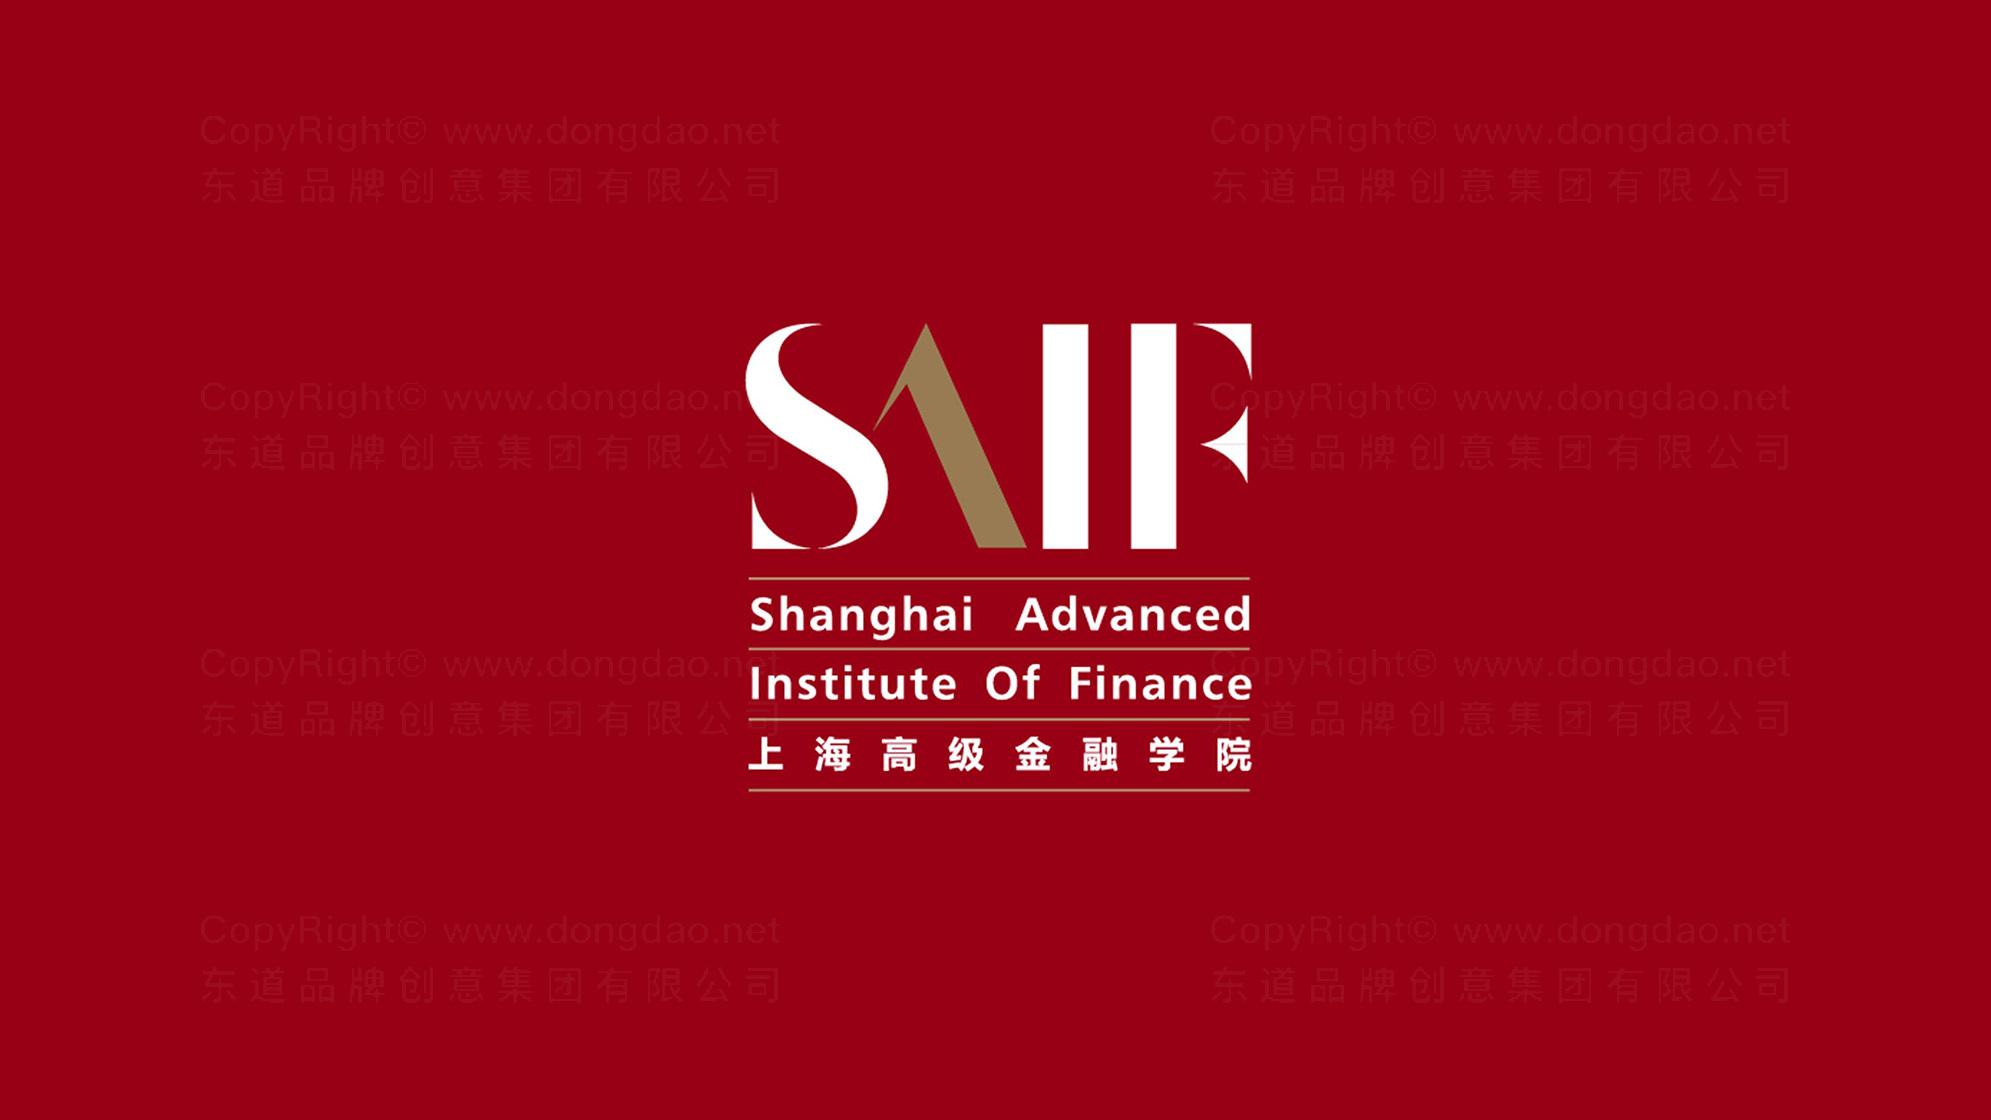 品牌设计上海高级金融学院logo设计、vi设计应用